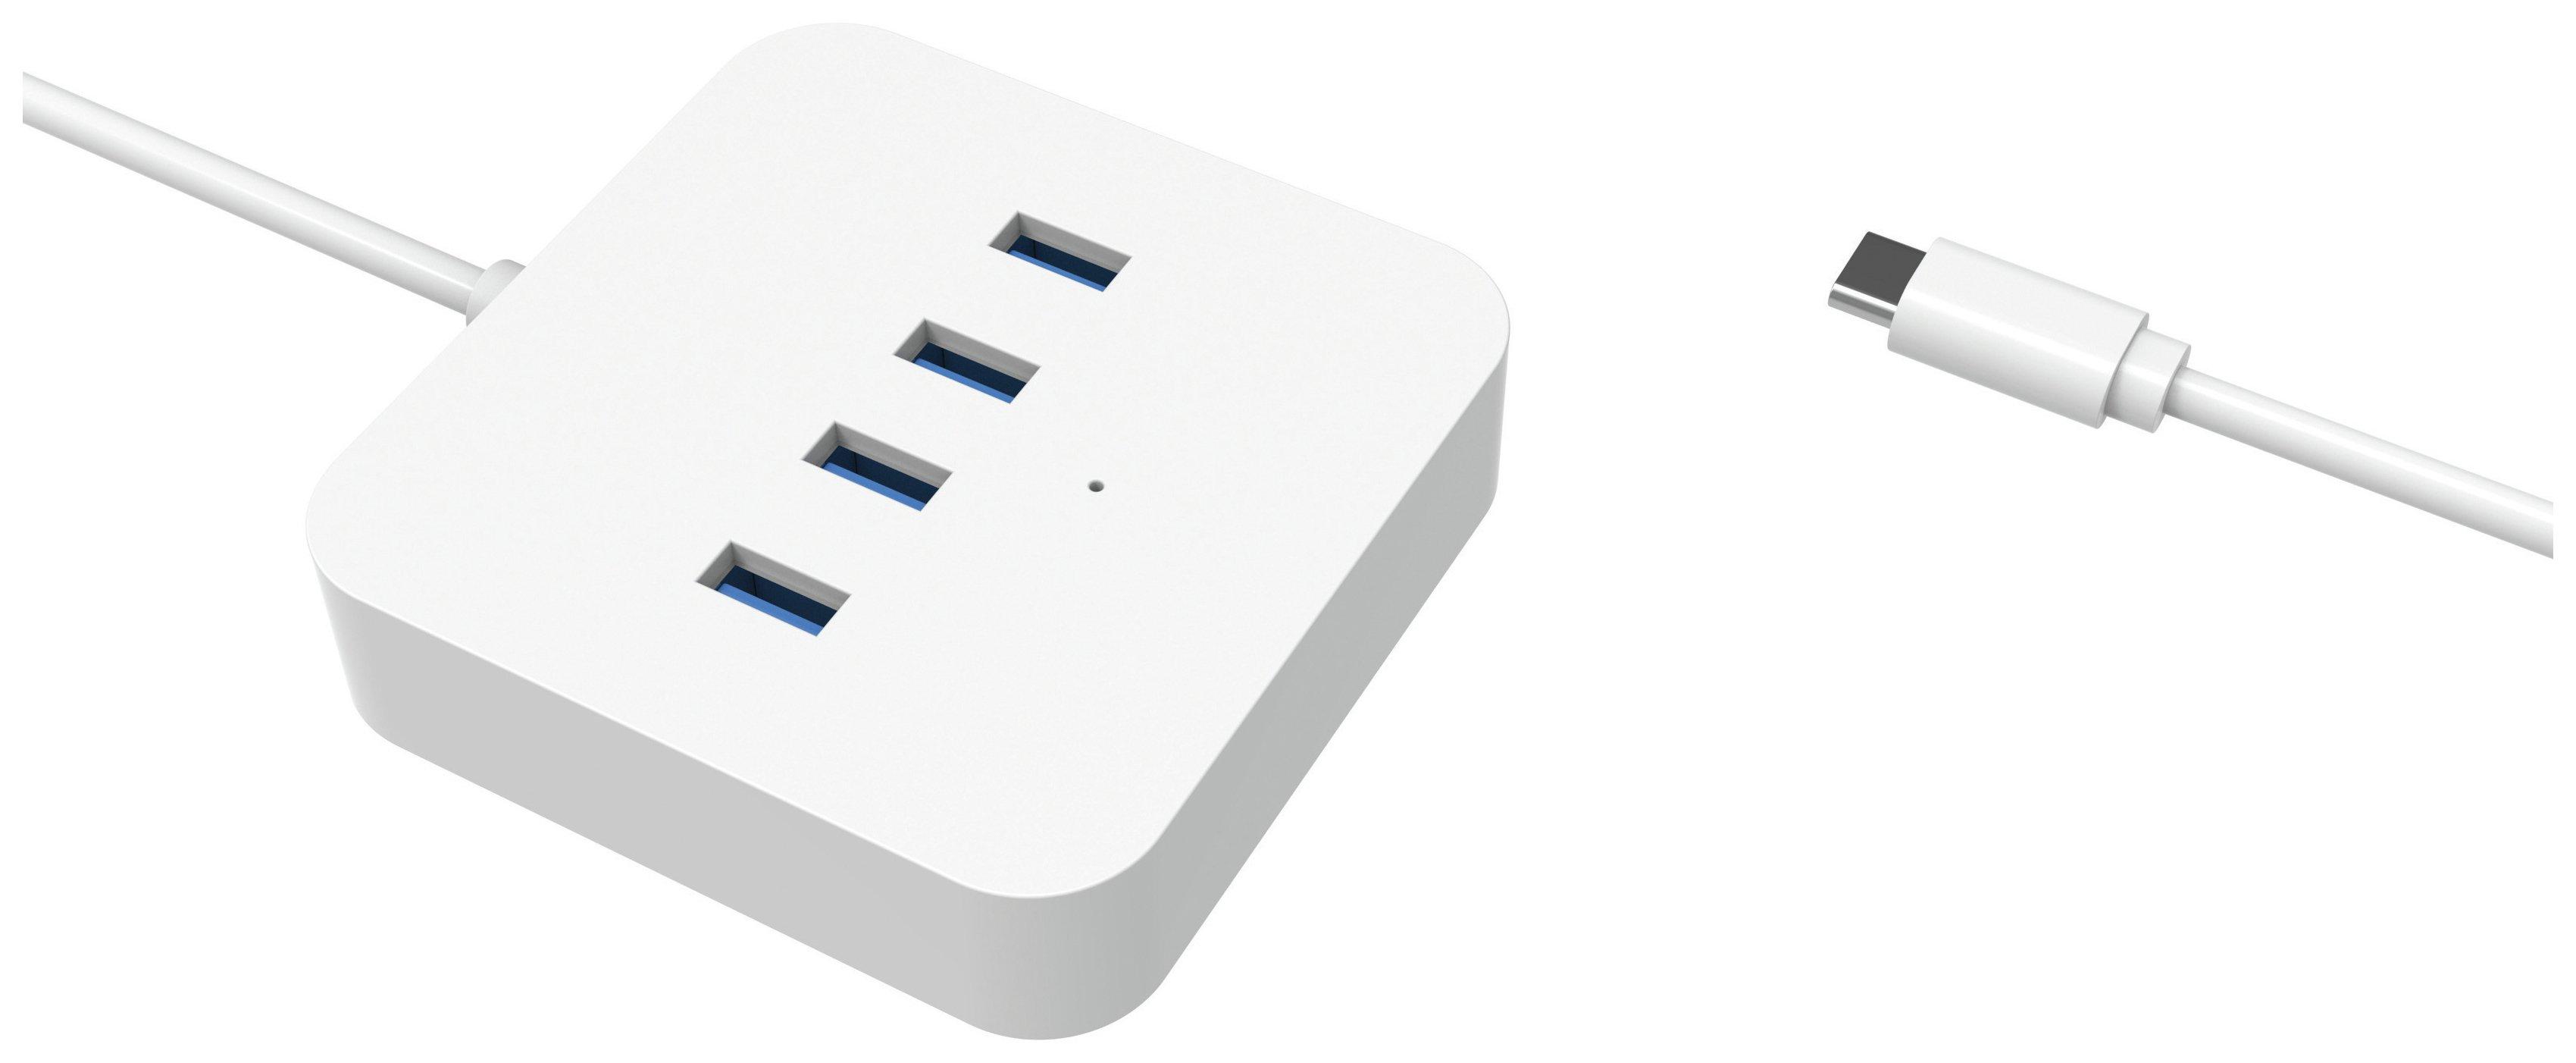 iStar - USB 2.0 to 4X - USB 3.0 Hub